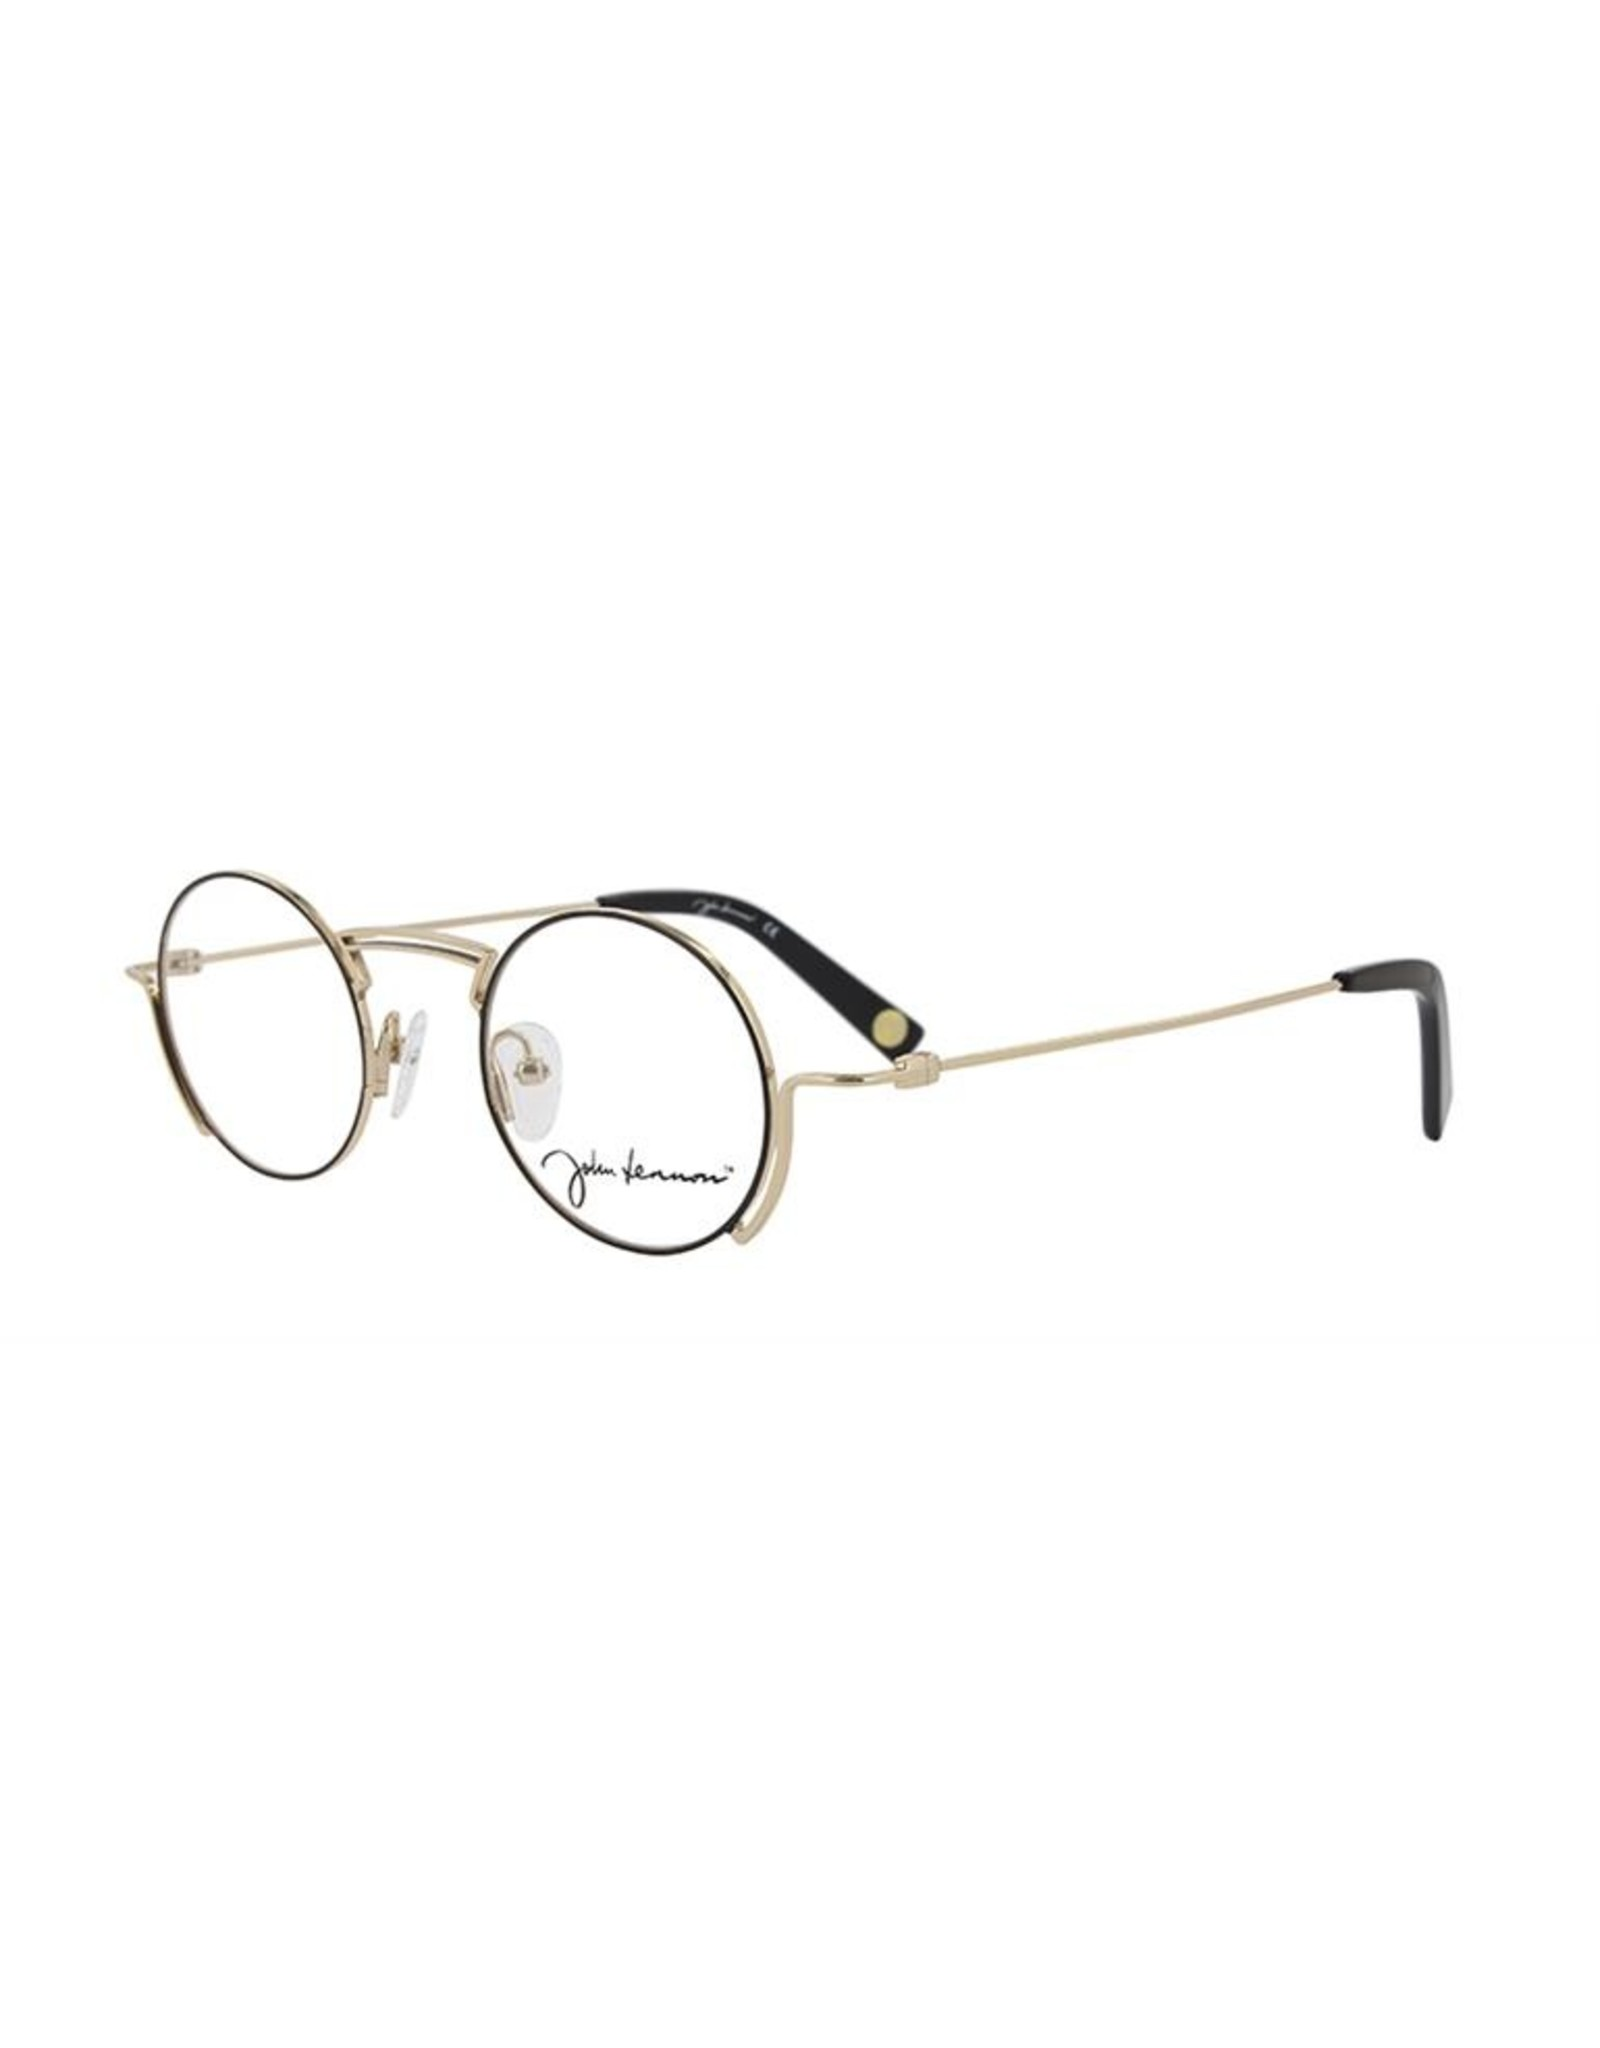 john lennon eyewear JO149 Ny